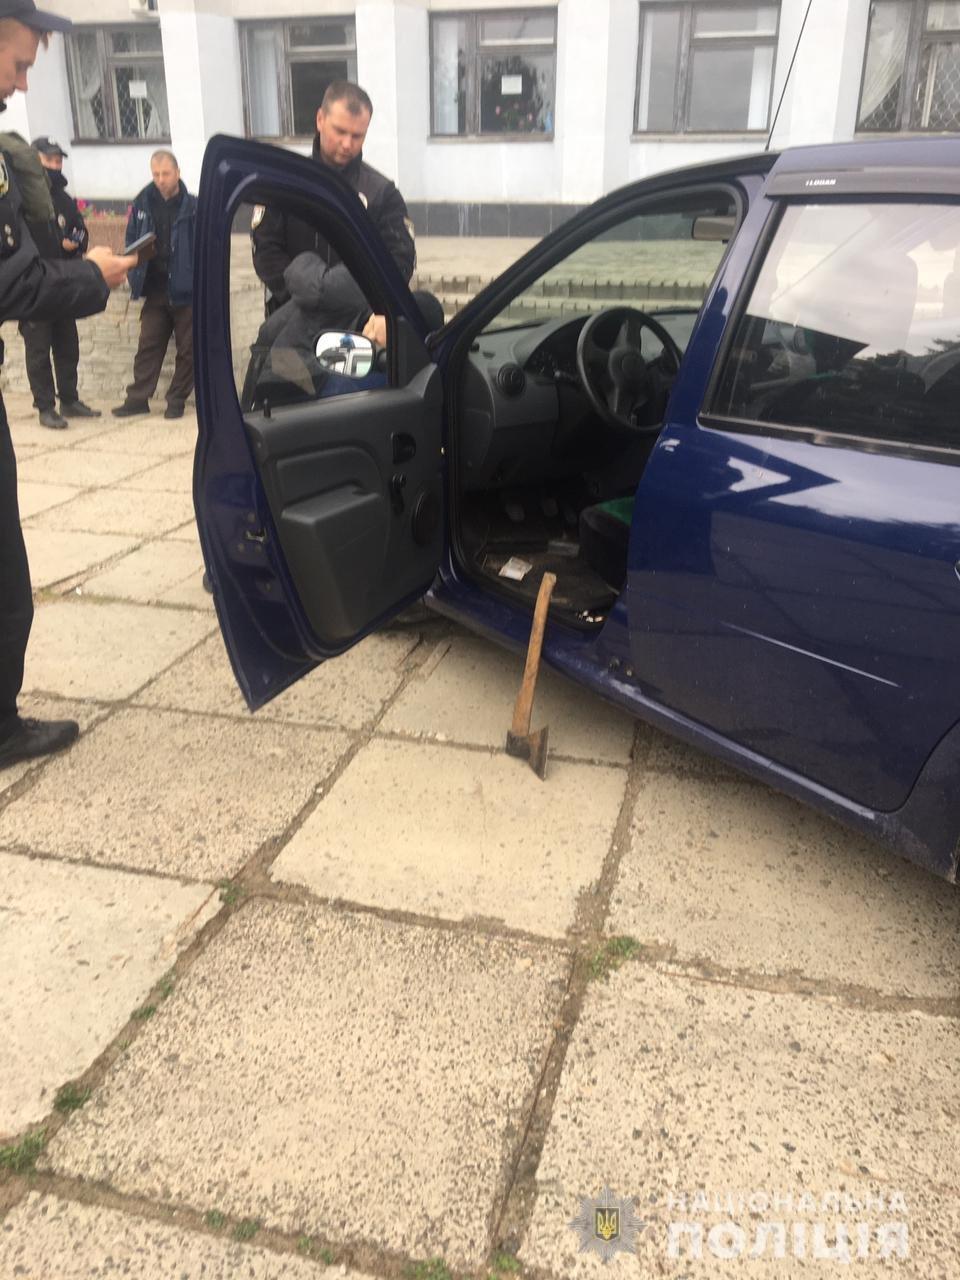 В Рубежном водитель совершил наезд на одного полицейского и угрожал топором другому, - ФОТО, фото-1